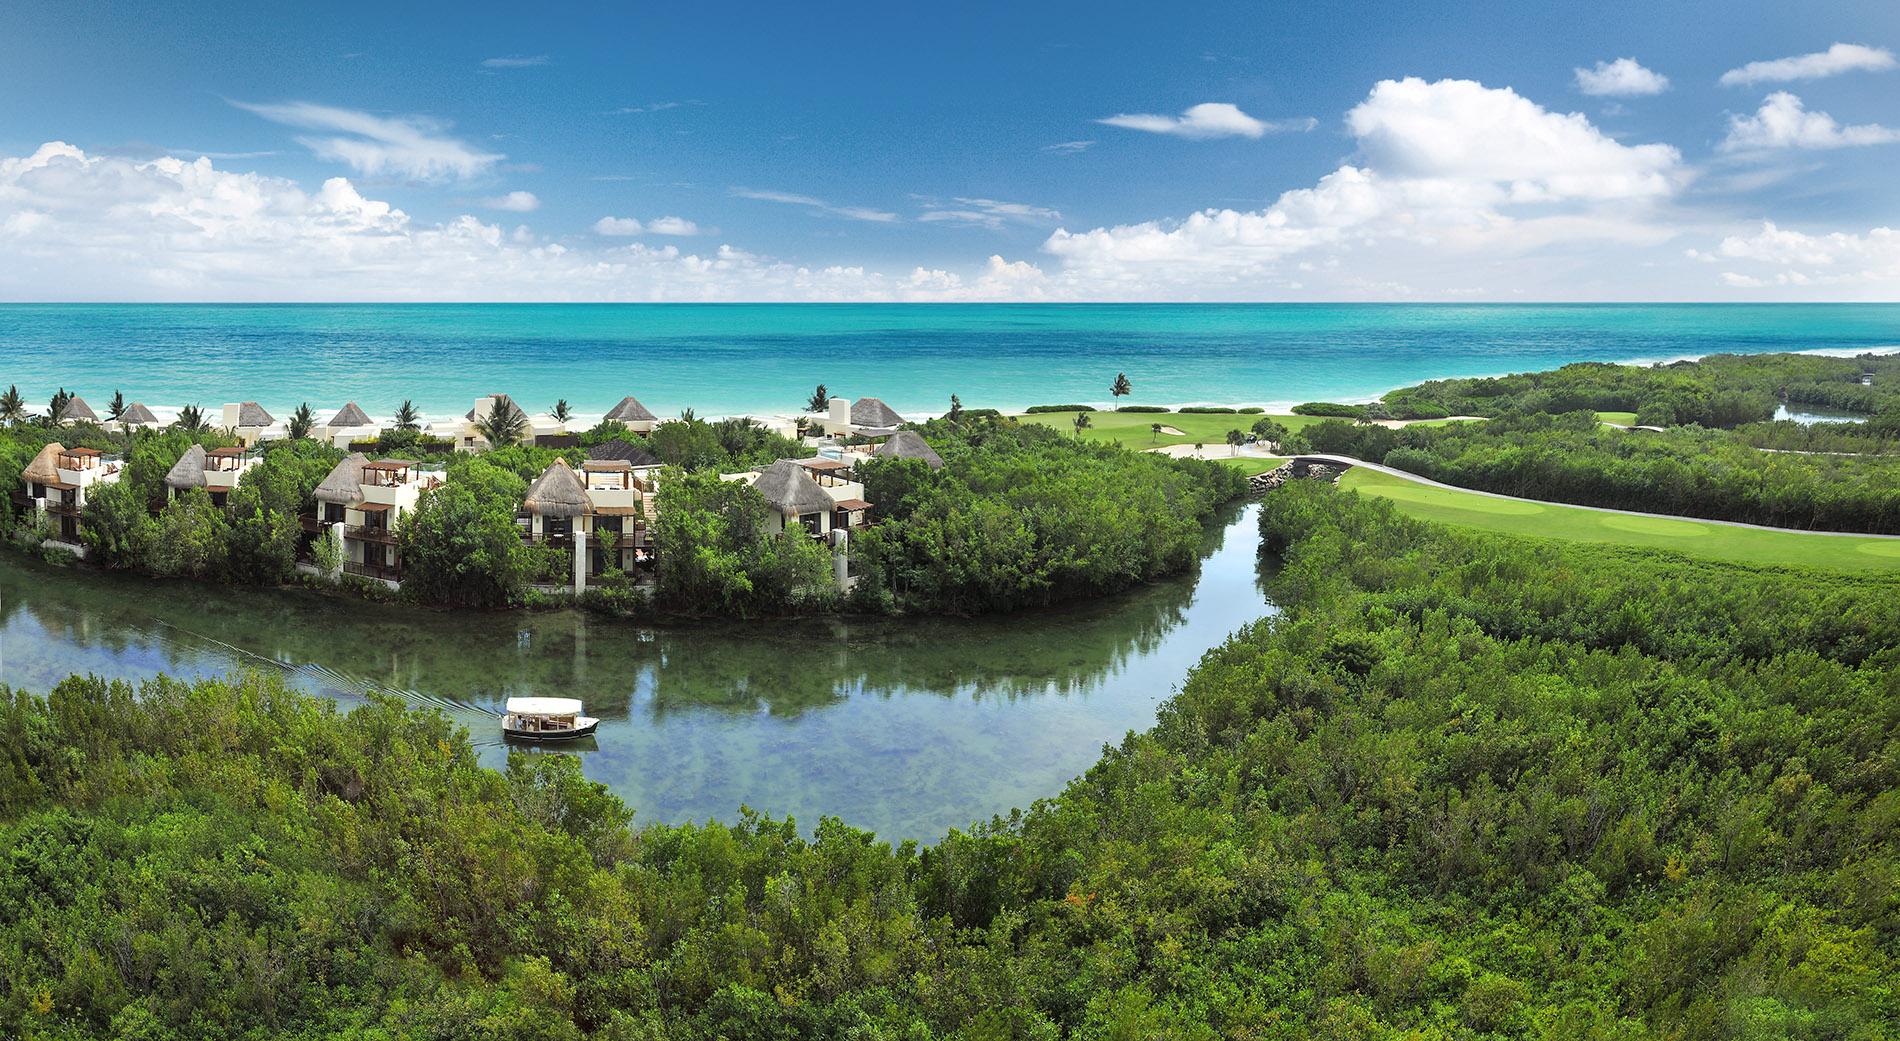 Vista para os canais do Fairmont Mayakoba (Fairmont Hotels/Divulgação)